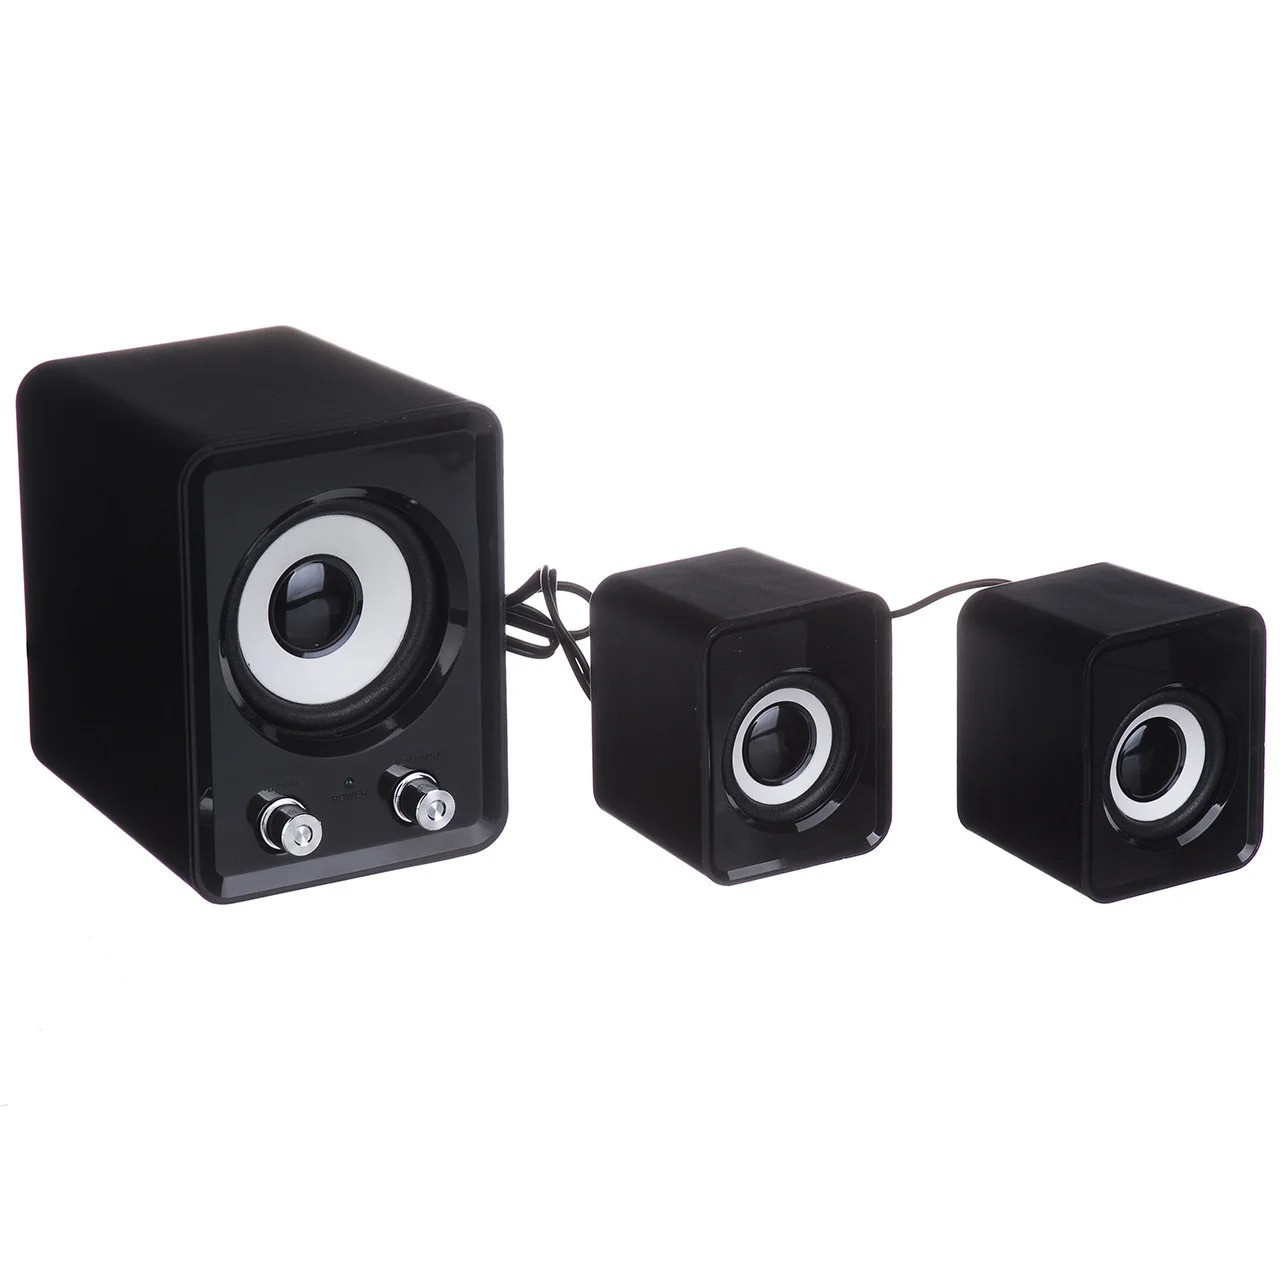 Колонки для компьютера, ноутбука FT-202 Mini 2.1 черные, акустическая система для дома   музичні колонки (GK)